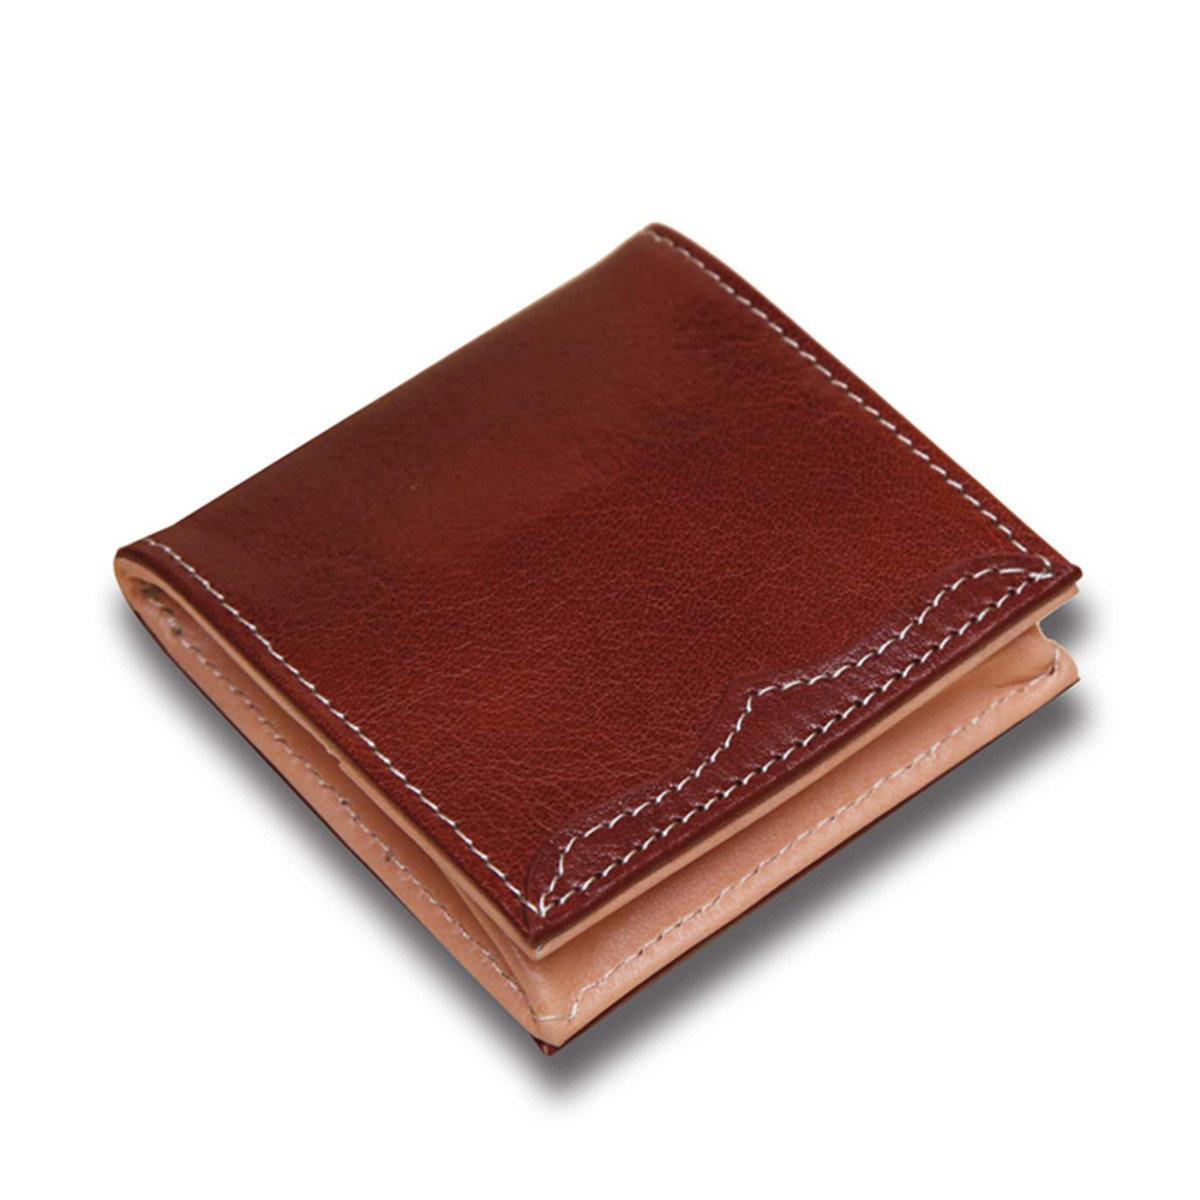 盒形硬幣包